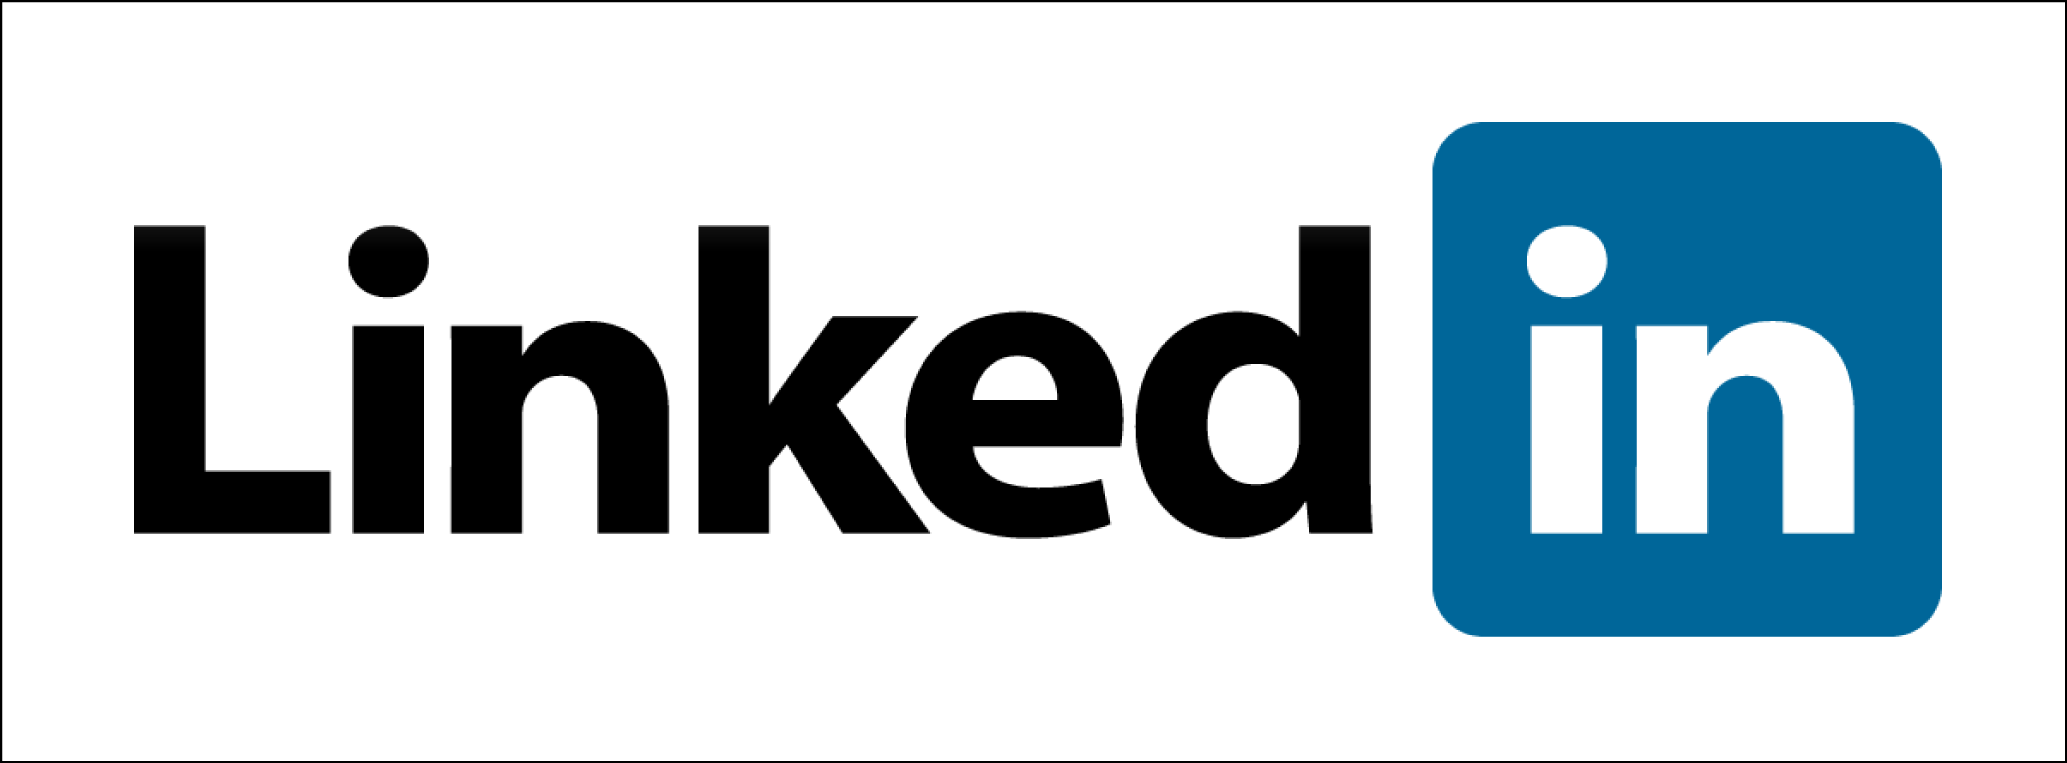 Vídeos en LinkedIn, por ahora para unos pocos